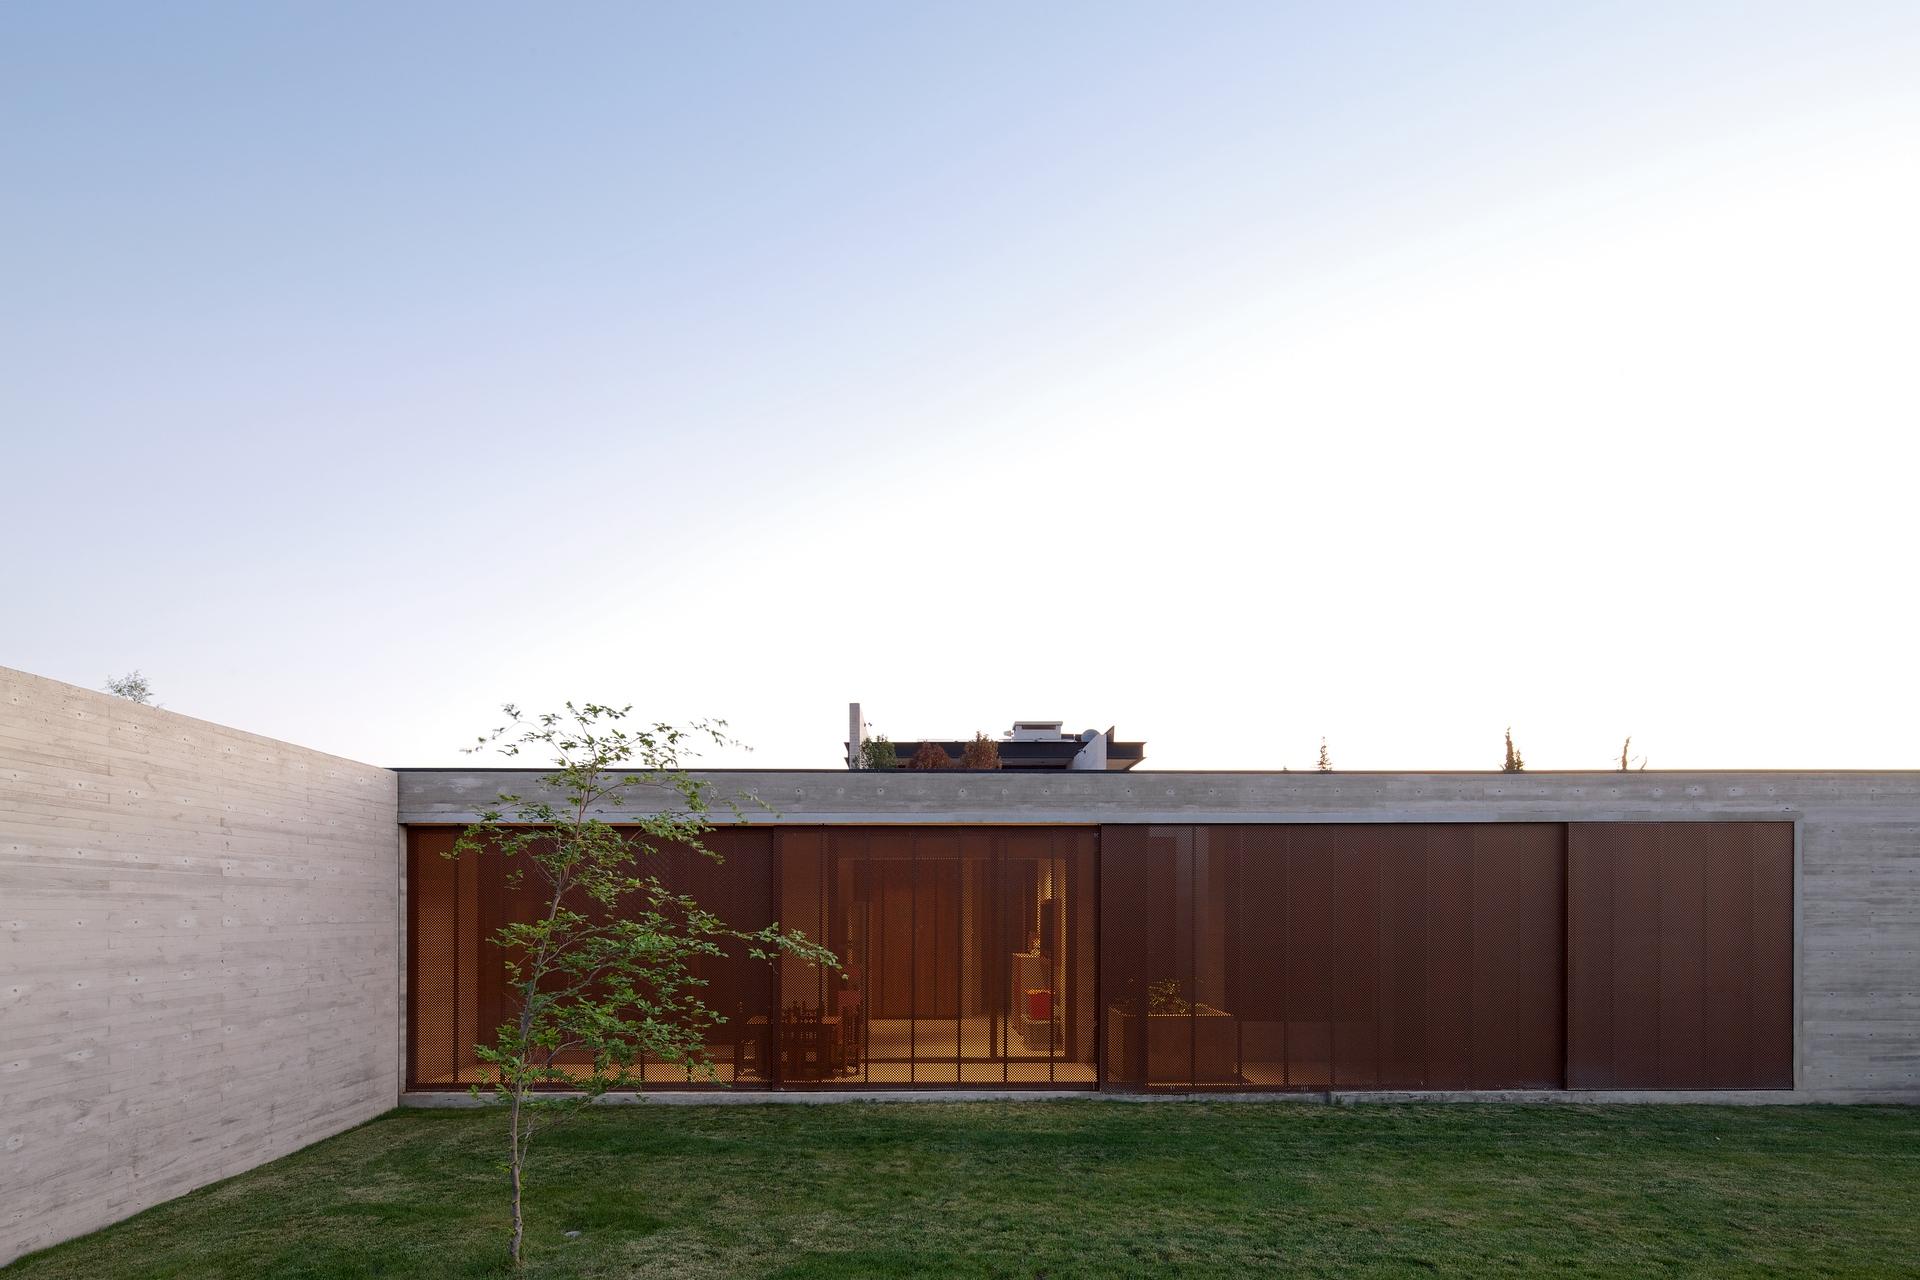 Casa Bulcke